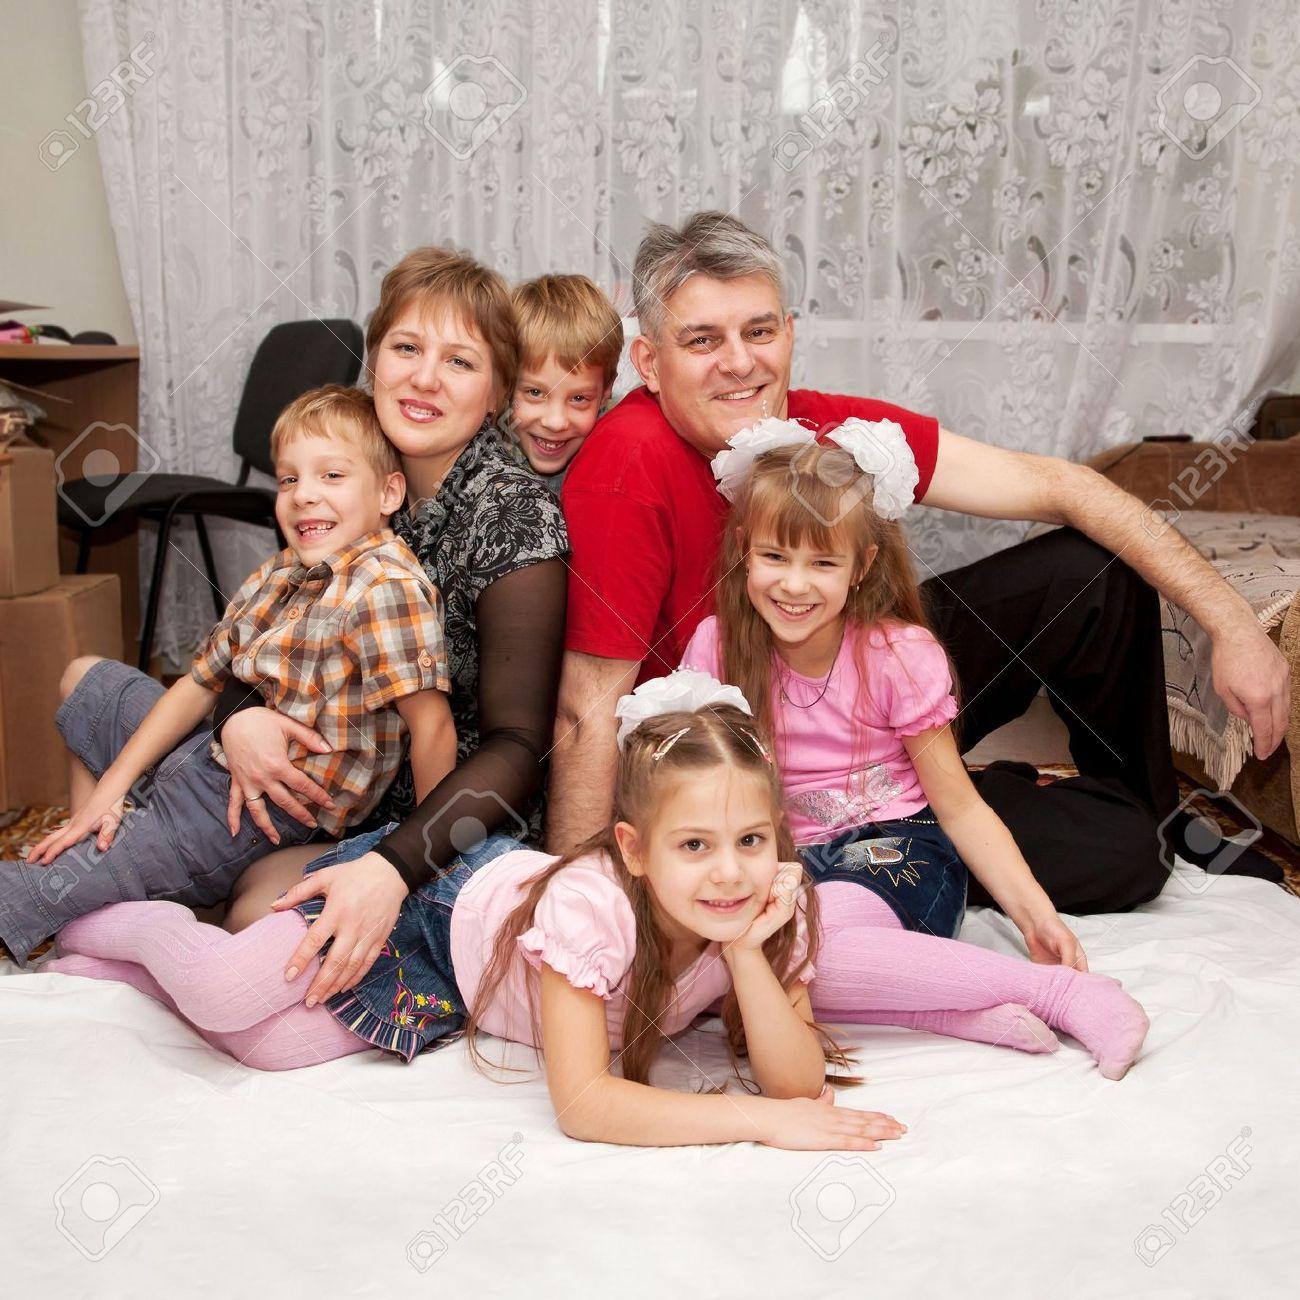 7286e472645a5 Banque d images - Sourire heureux grande famille à la maison. Enfants père